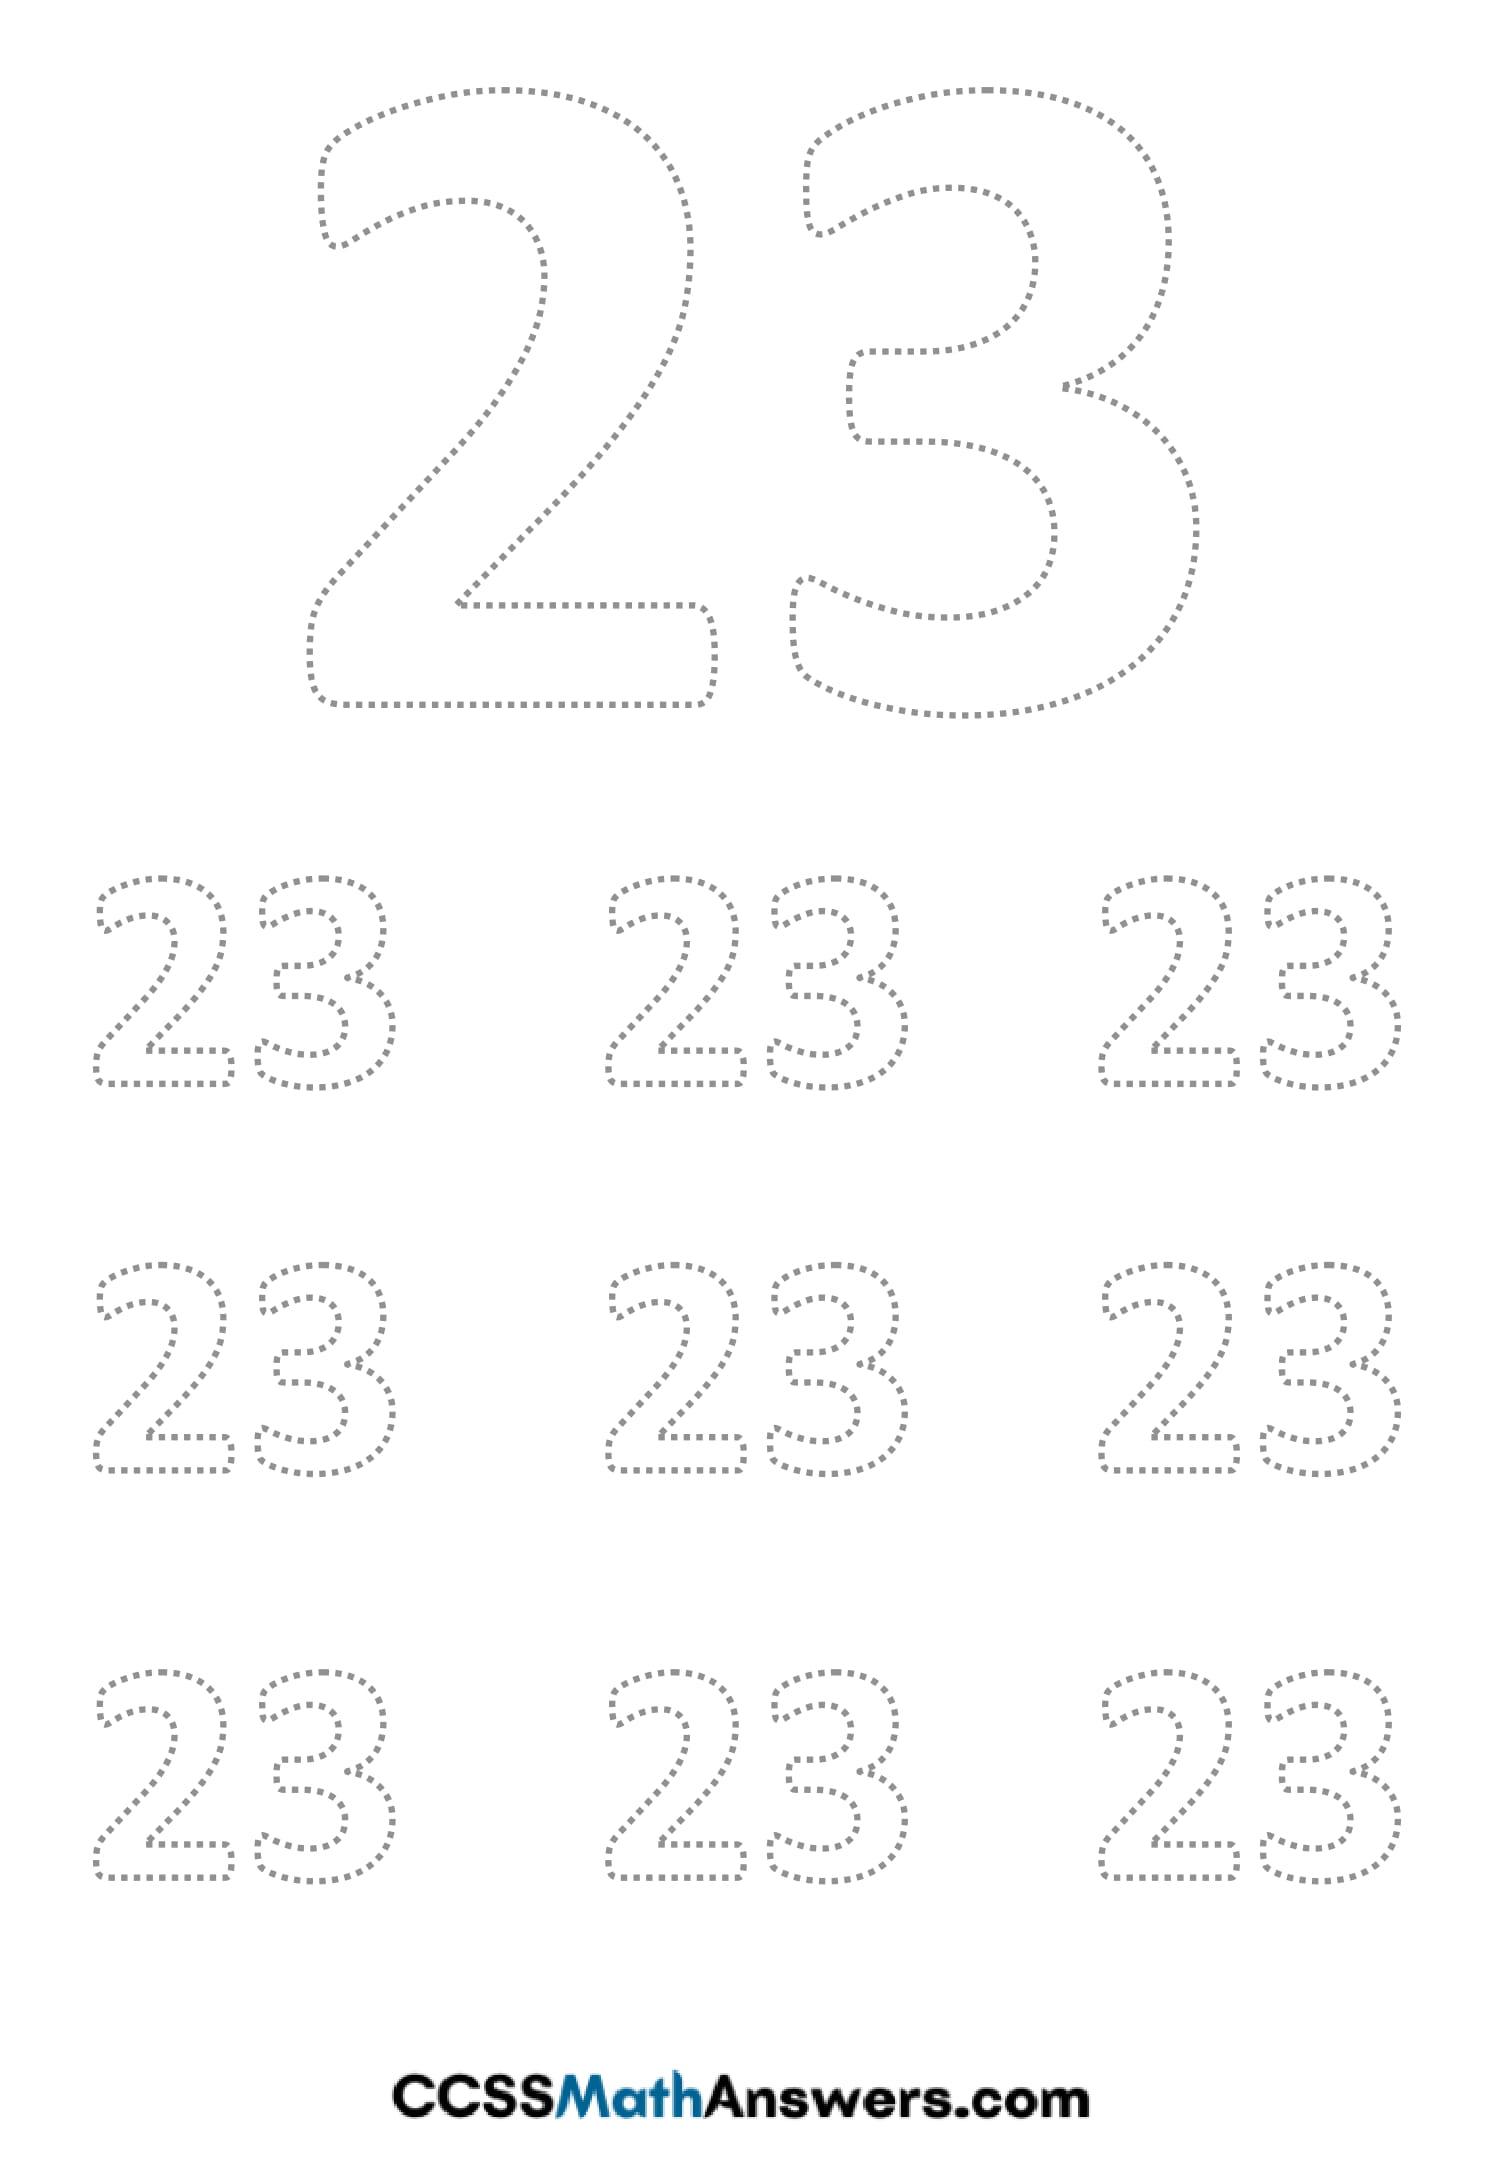 Worksheet on Number Twenty Three